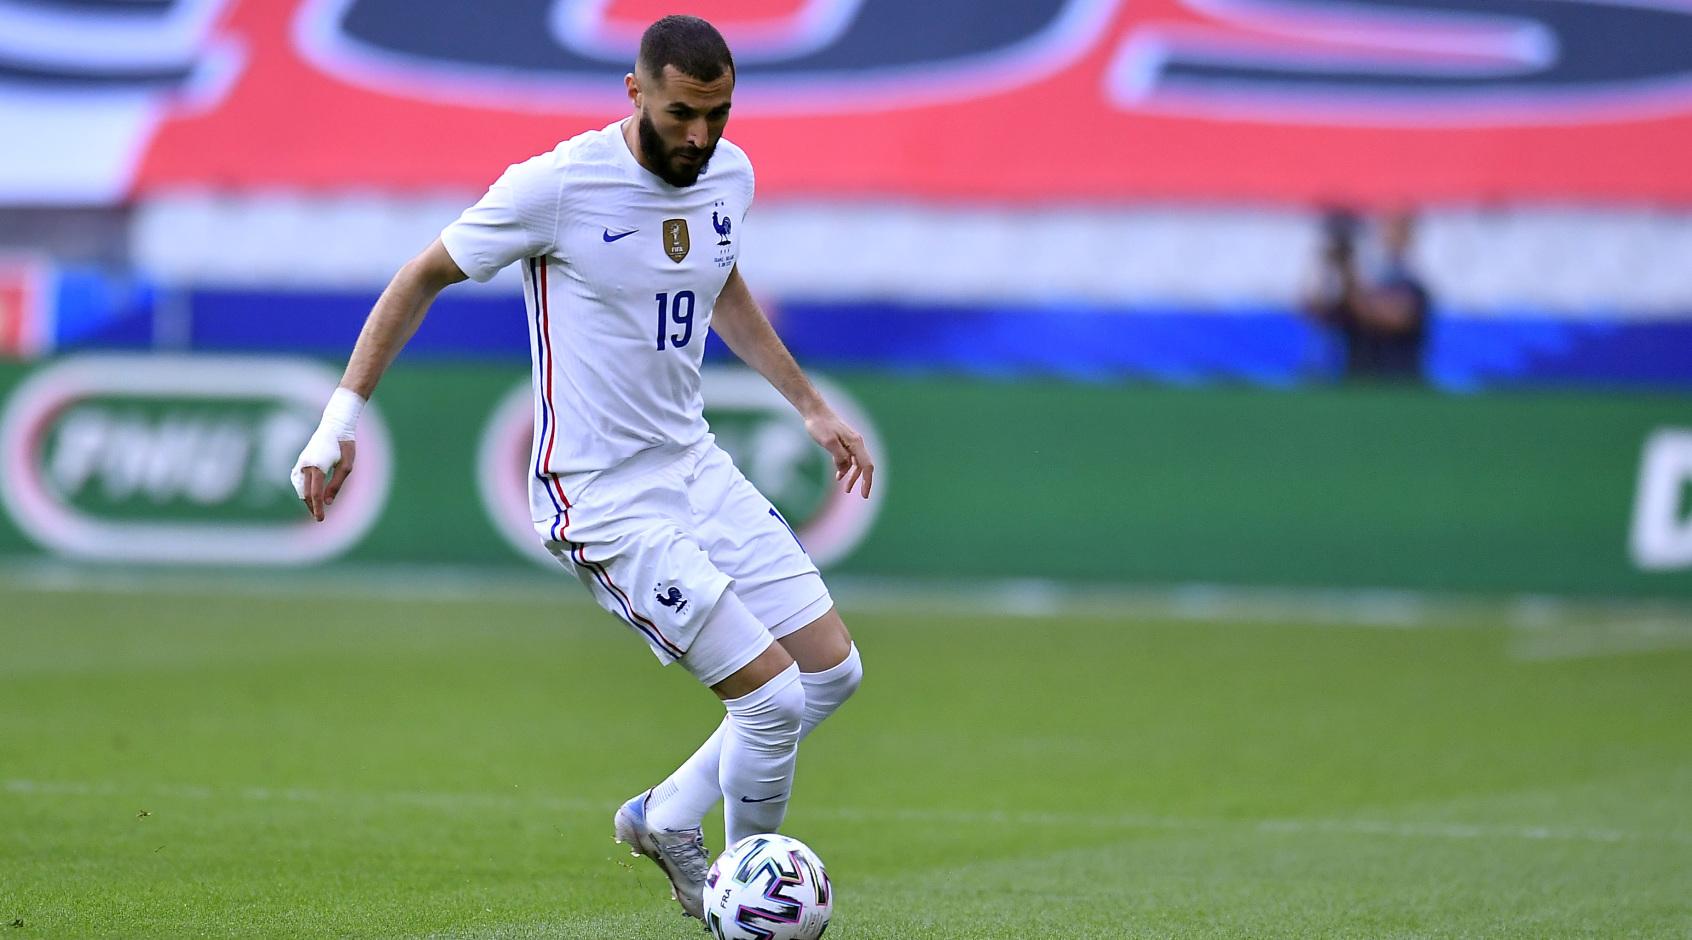 Португалия – Франция 1:1. Гол Карима Бензема с пенальти (Видео)